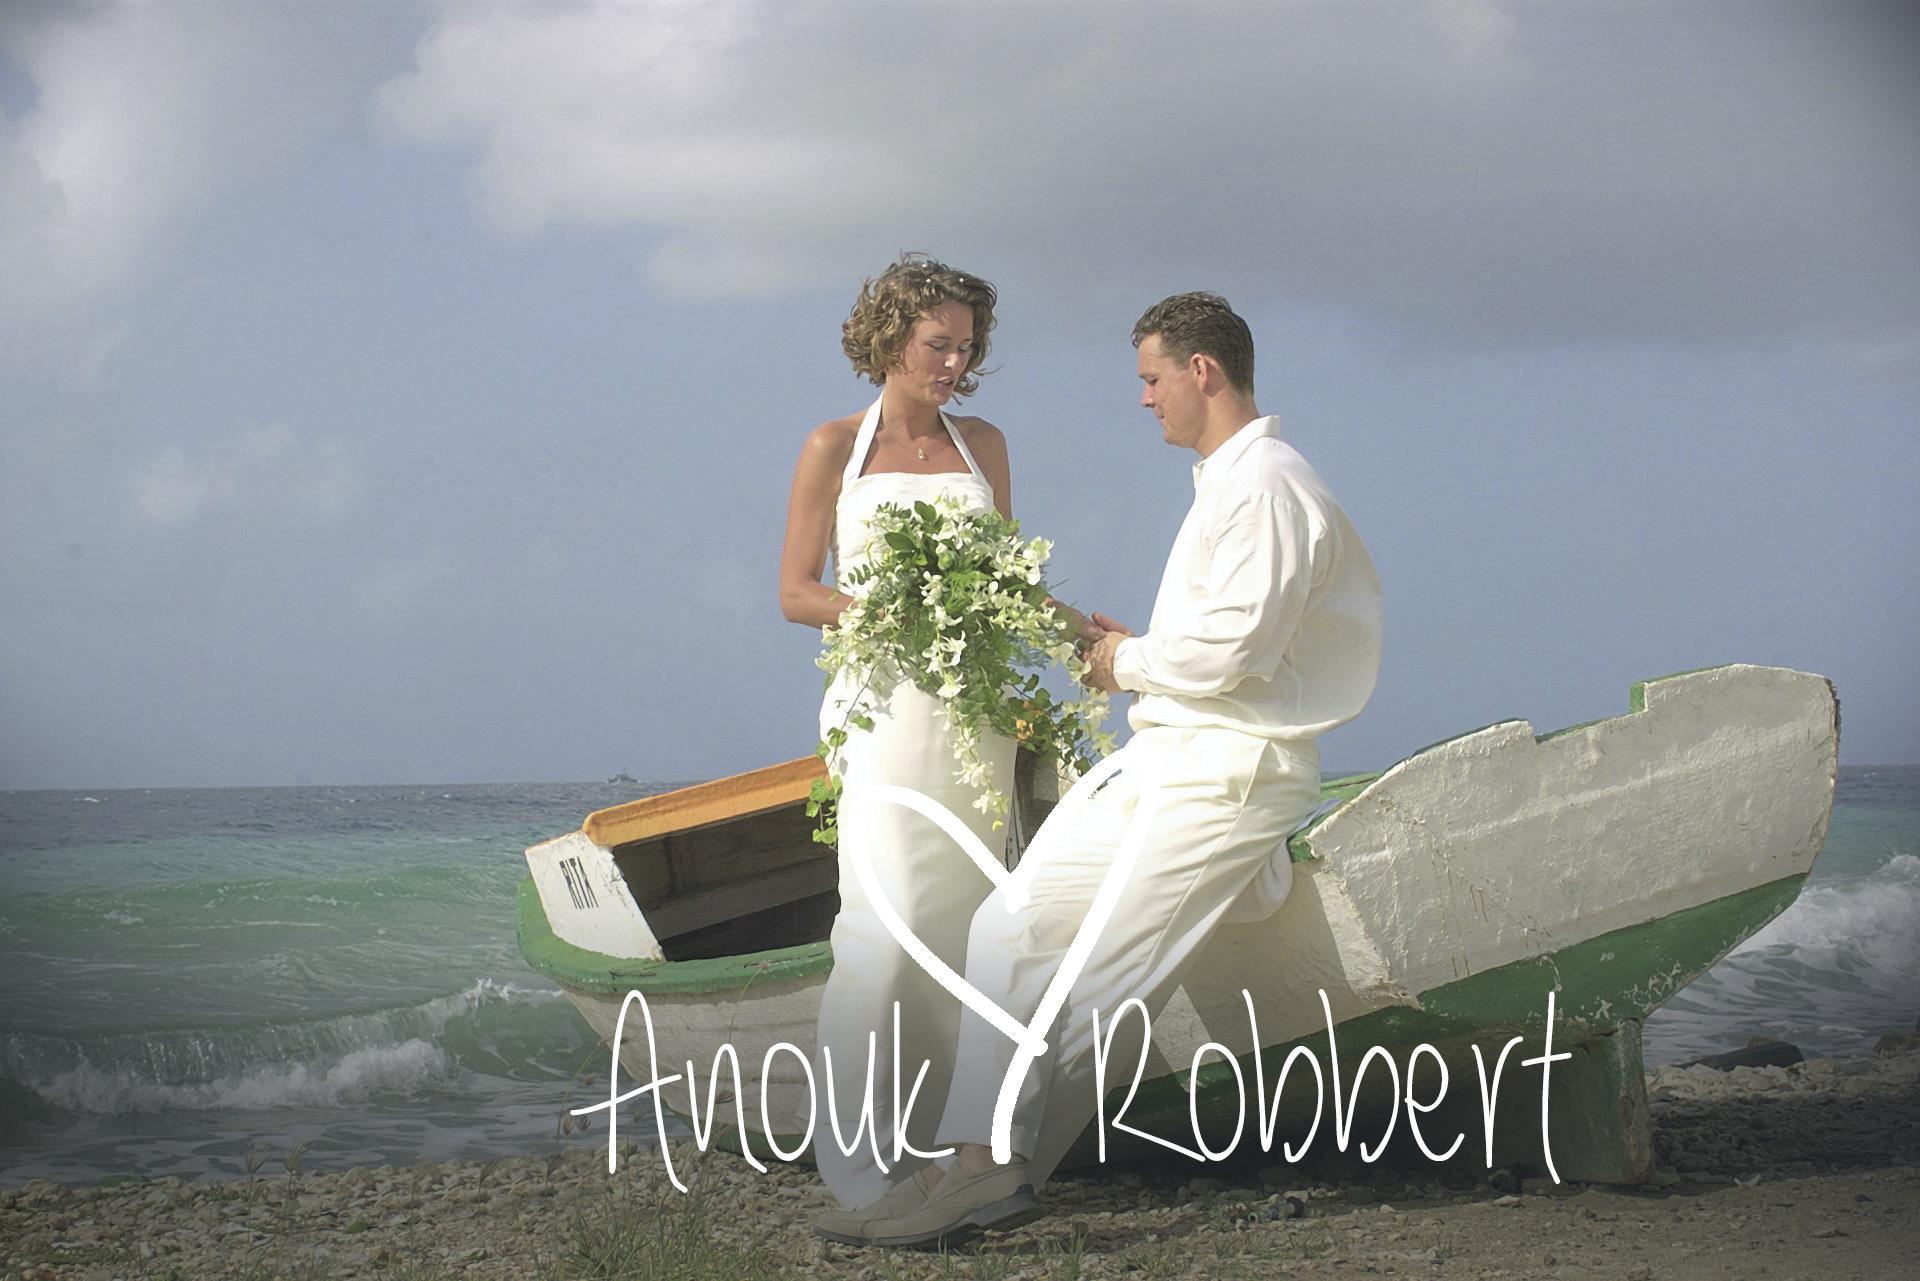 Anoek & Robbert